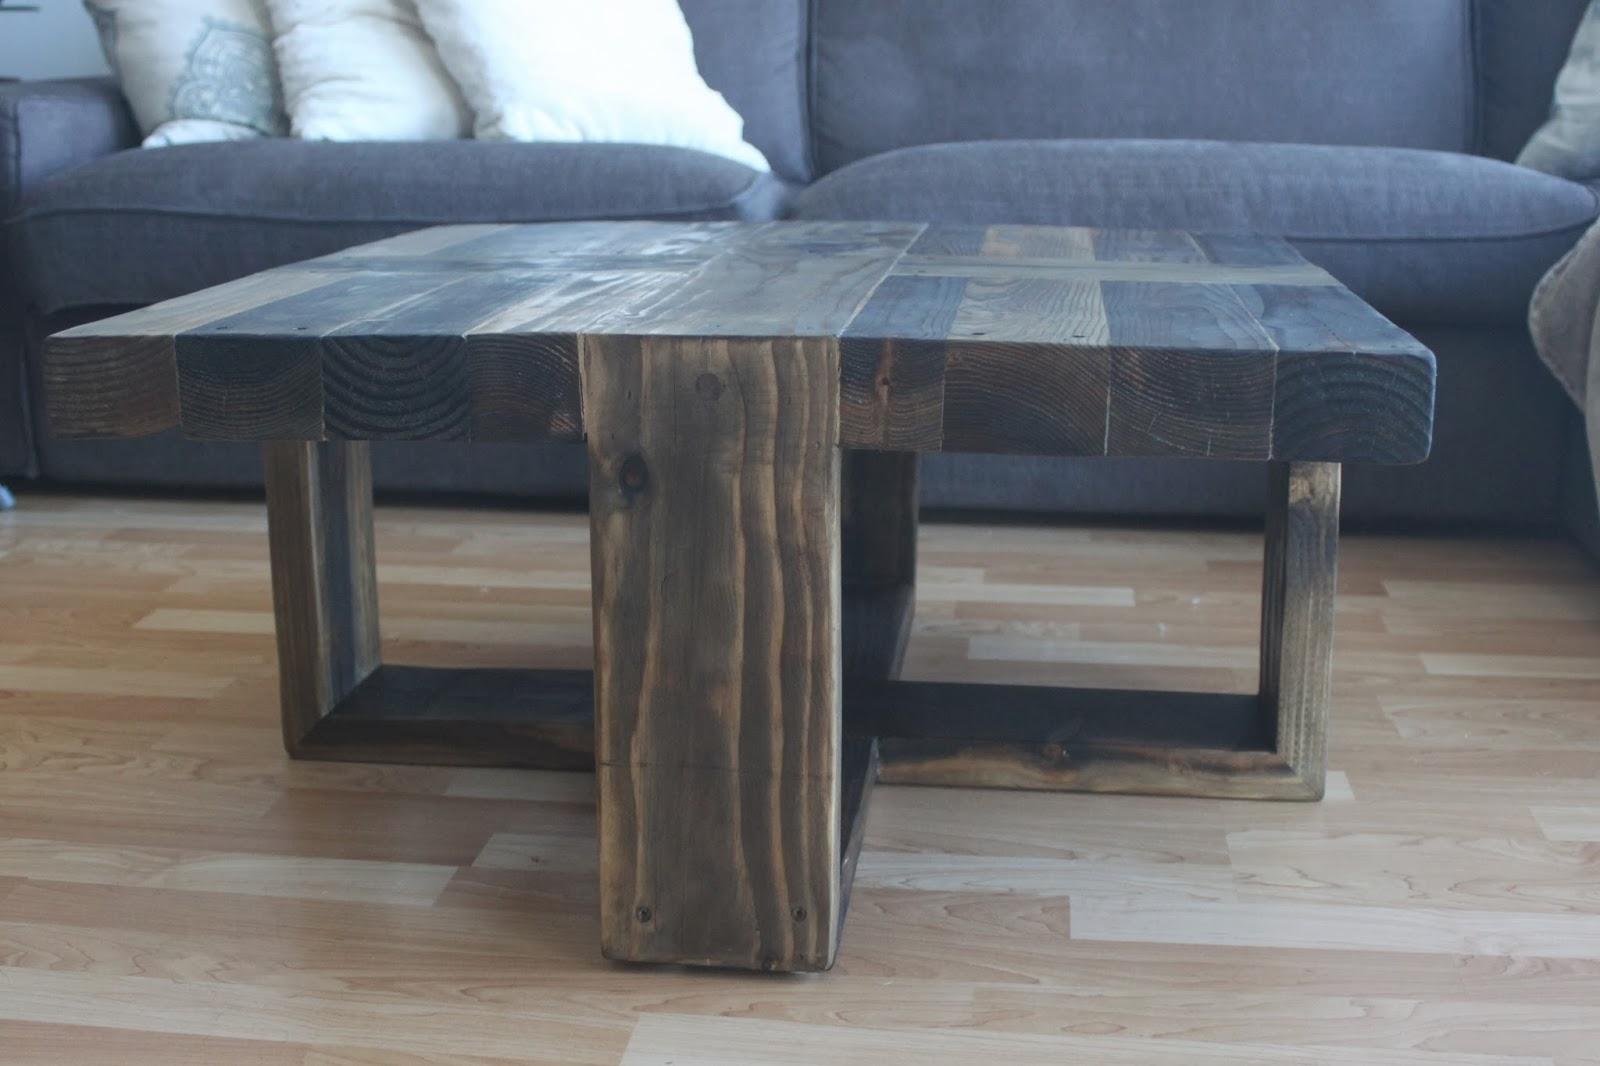 The Polish Carpenter Unique Rustic Coffee Table